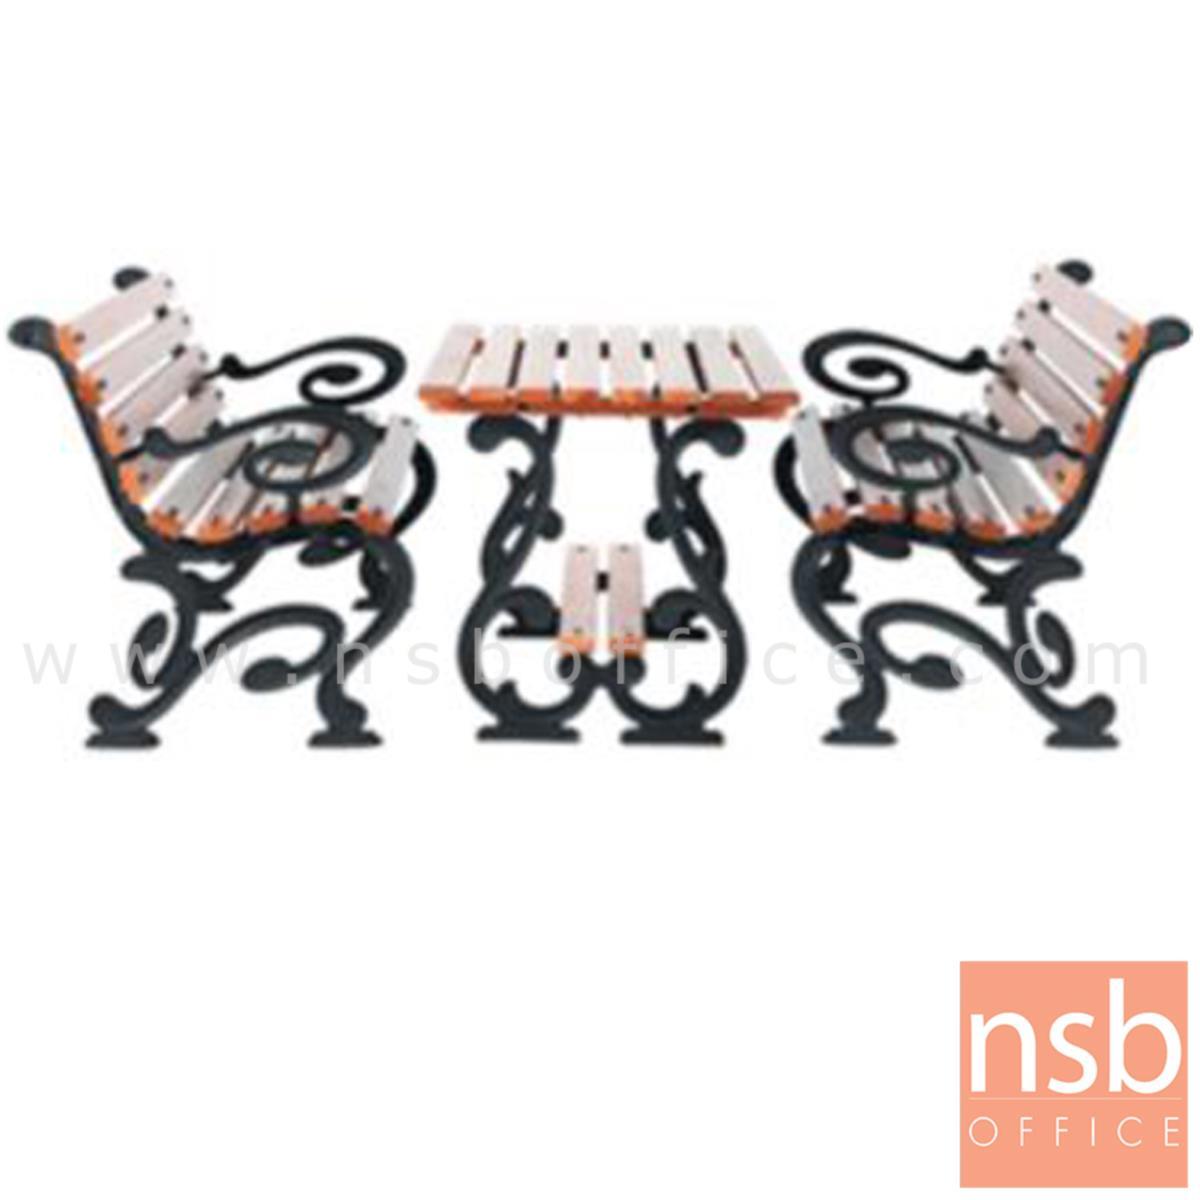 G08A046:ชุดโต๊ะสนาม พร้อมเก้าอี้ กทม. BKK-COT422 (โต๊ะ 1 + เก้าอี้ 2)